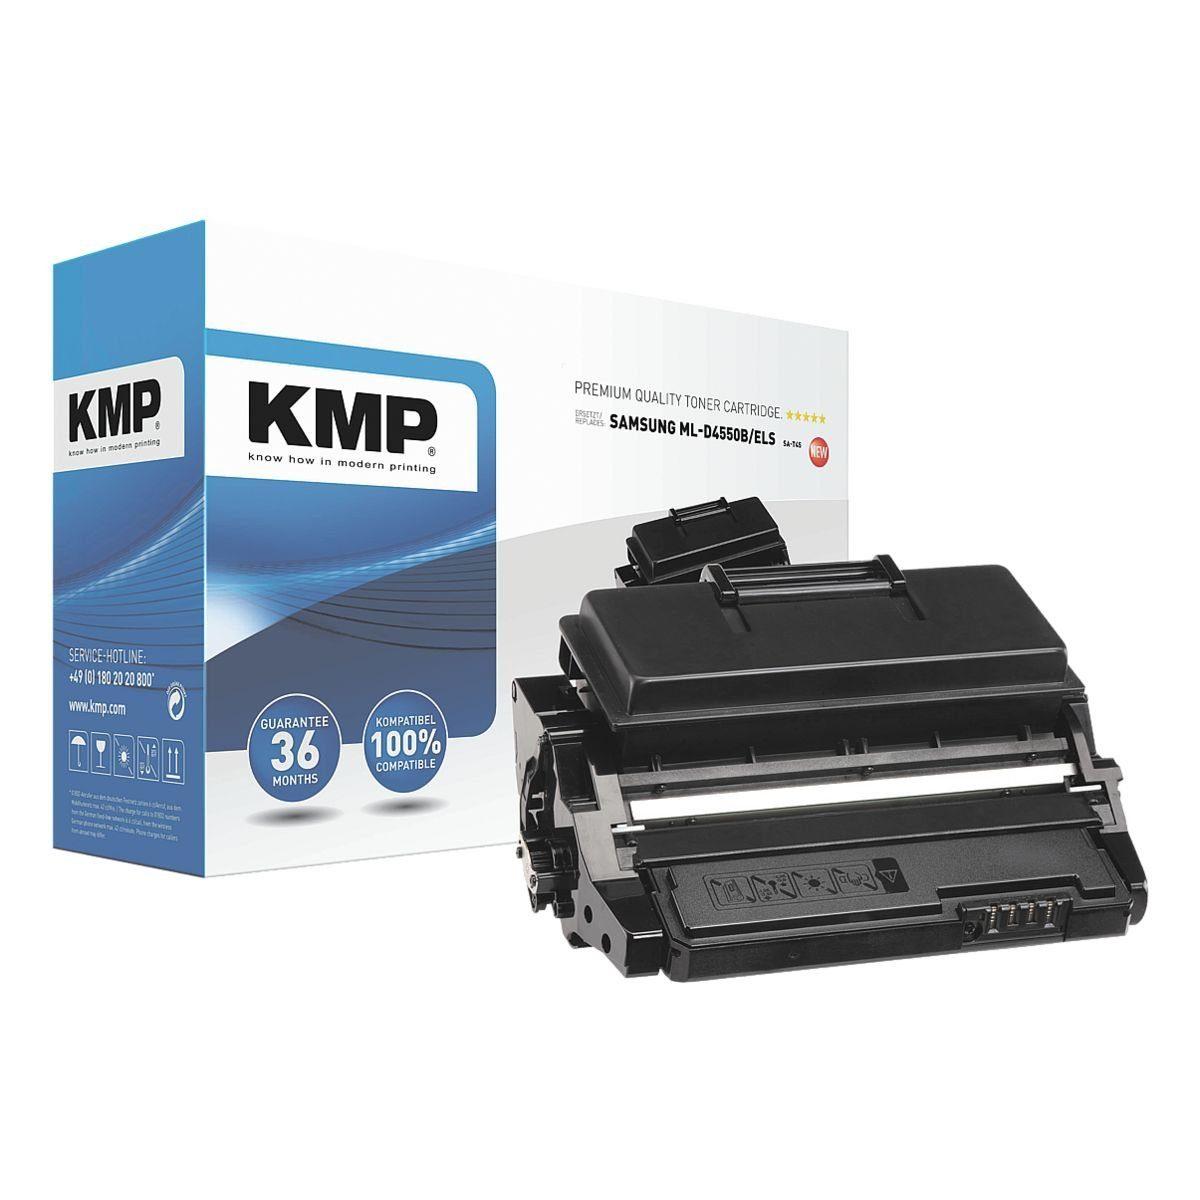 KMP Toner ersetzt Samsung »ML-D4550/B/EL S«